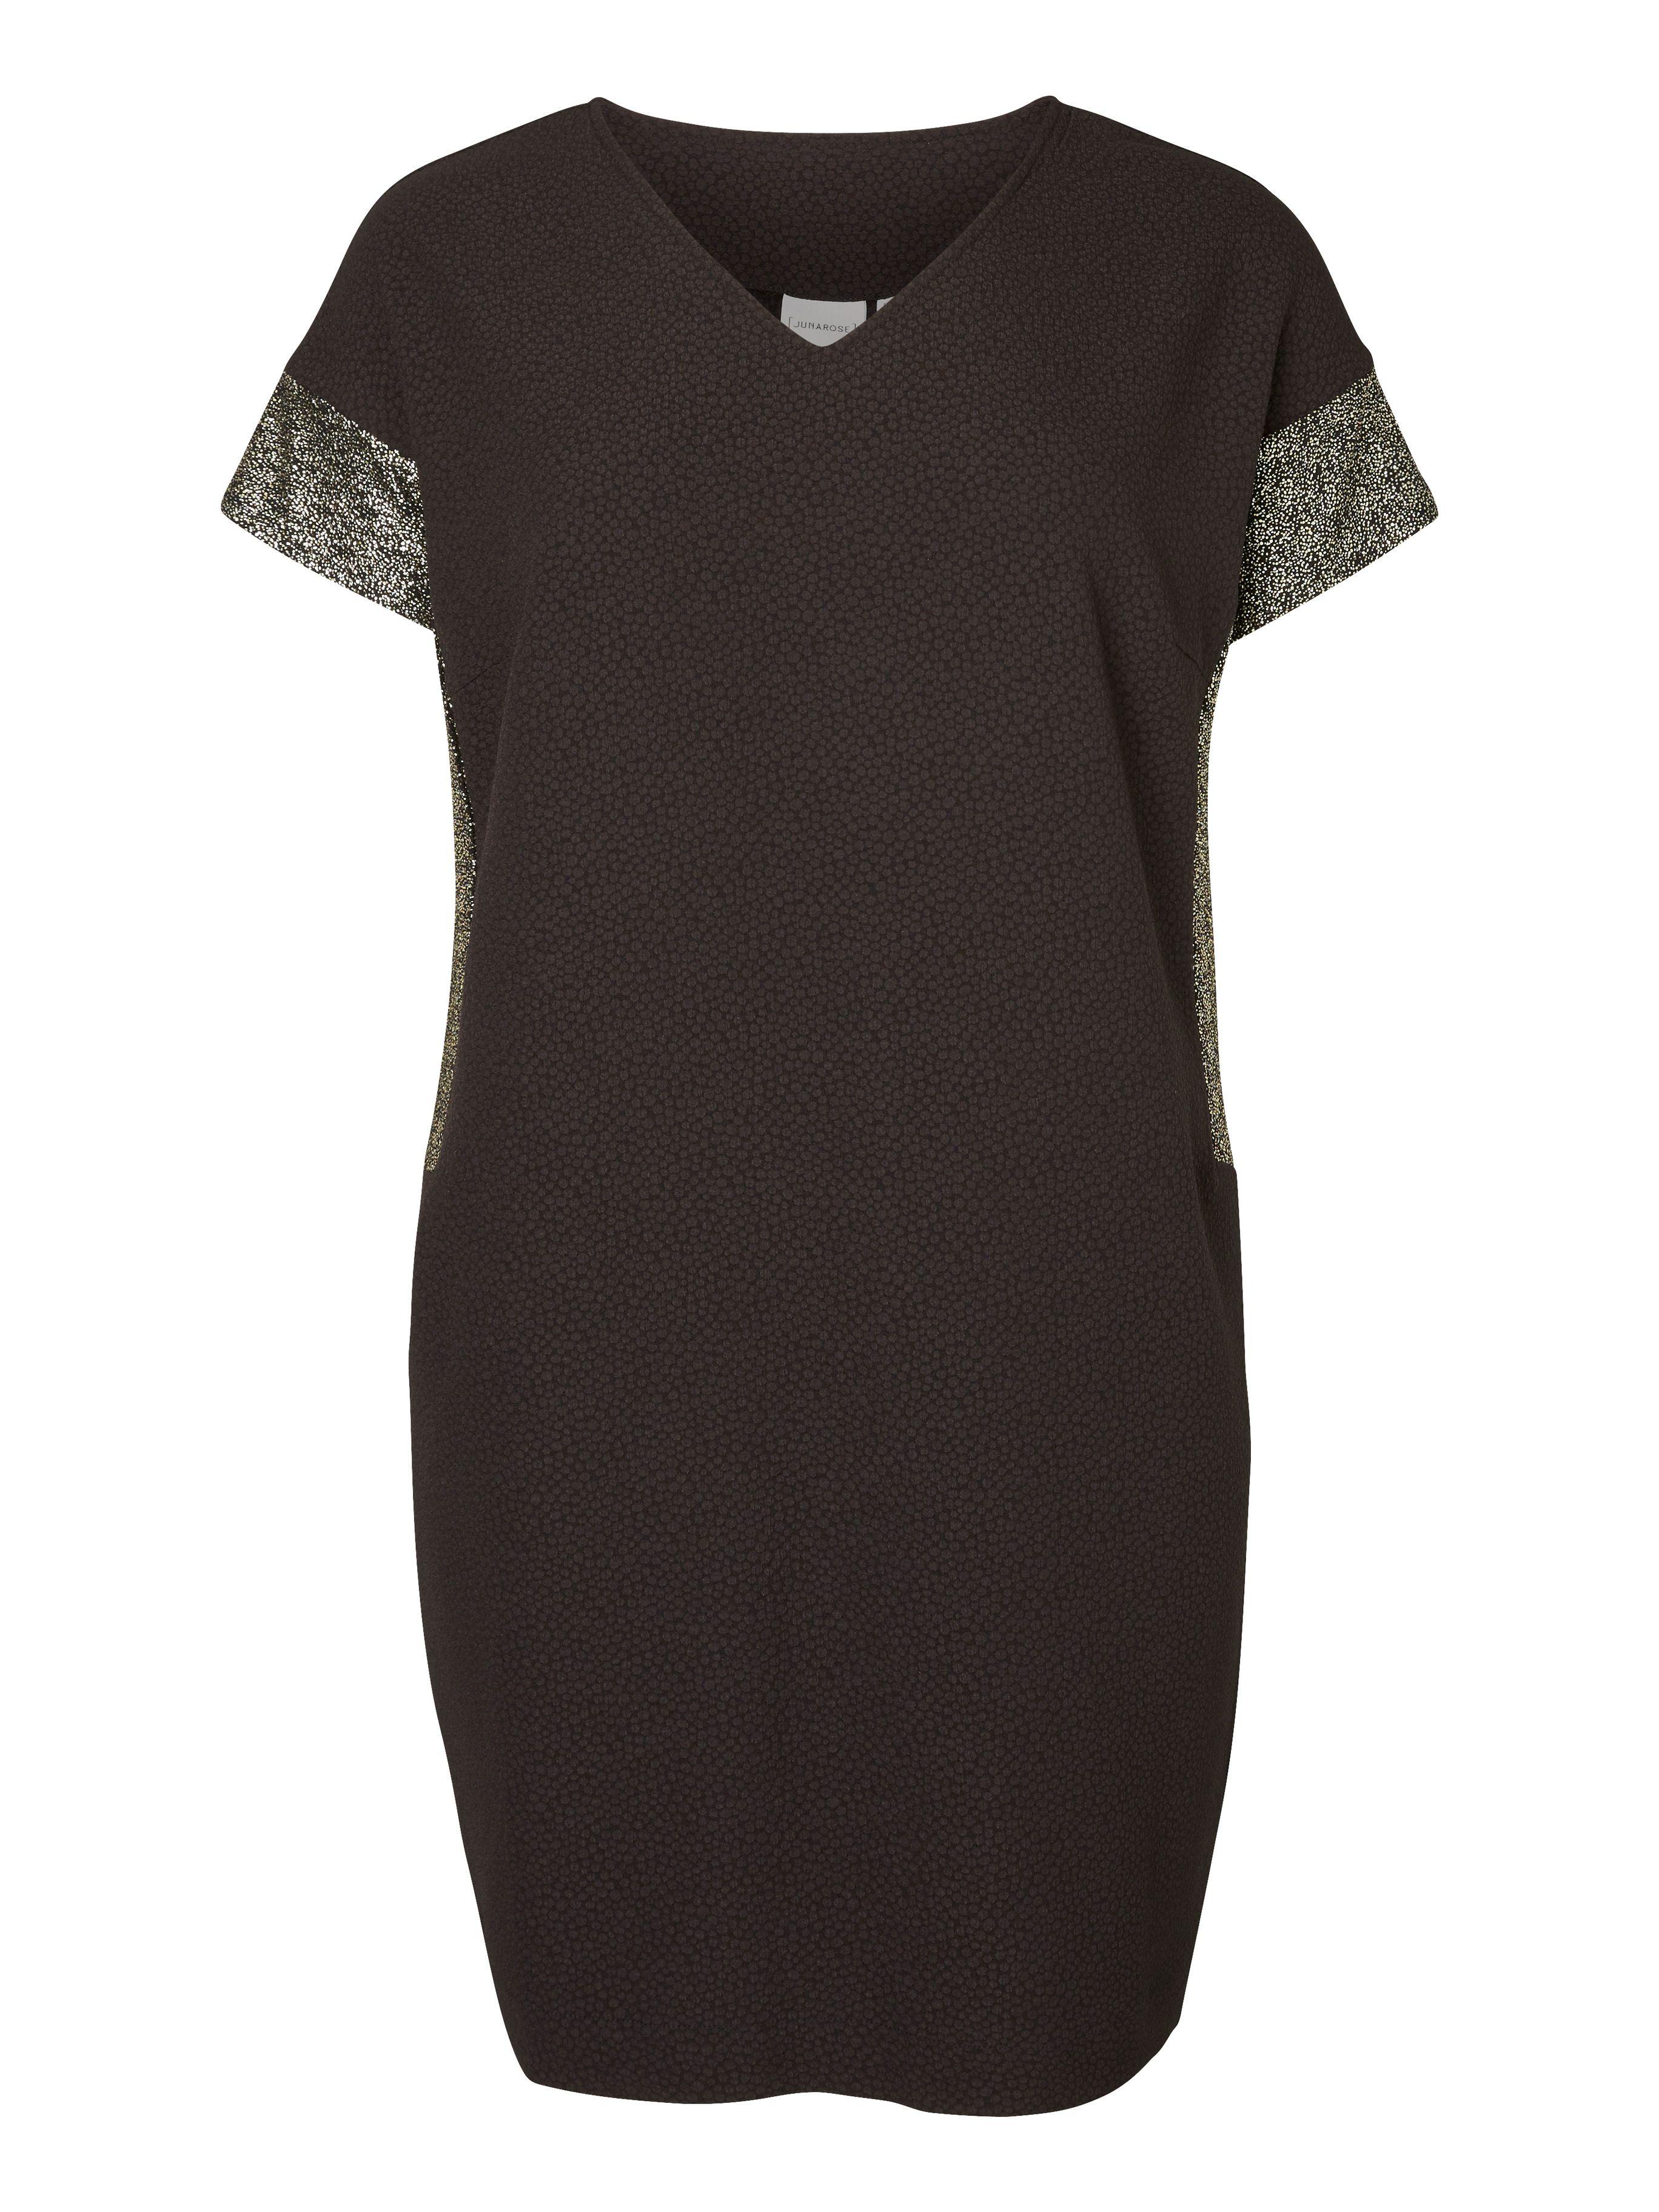 ffd4019e07a Super fede Sort kjole med guld glimmer effekt Junarose Modetøj til Damer i  luksus kvalitet